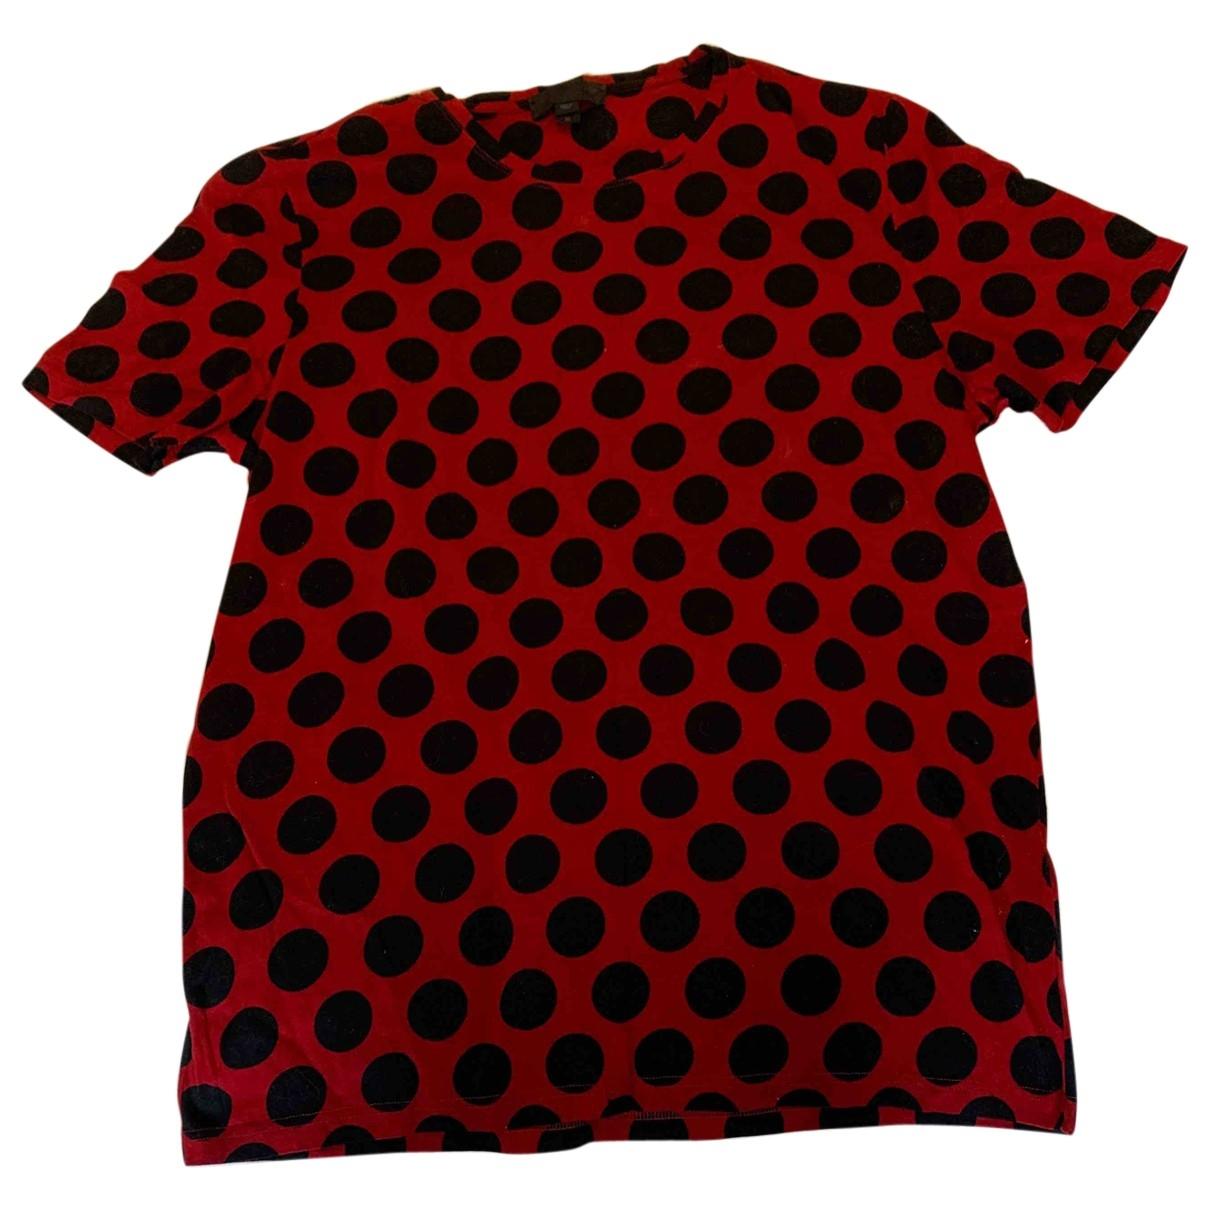 Burberry - Tee shirts   pour homme en coton - rouge